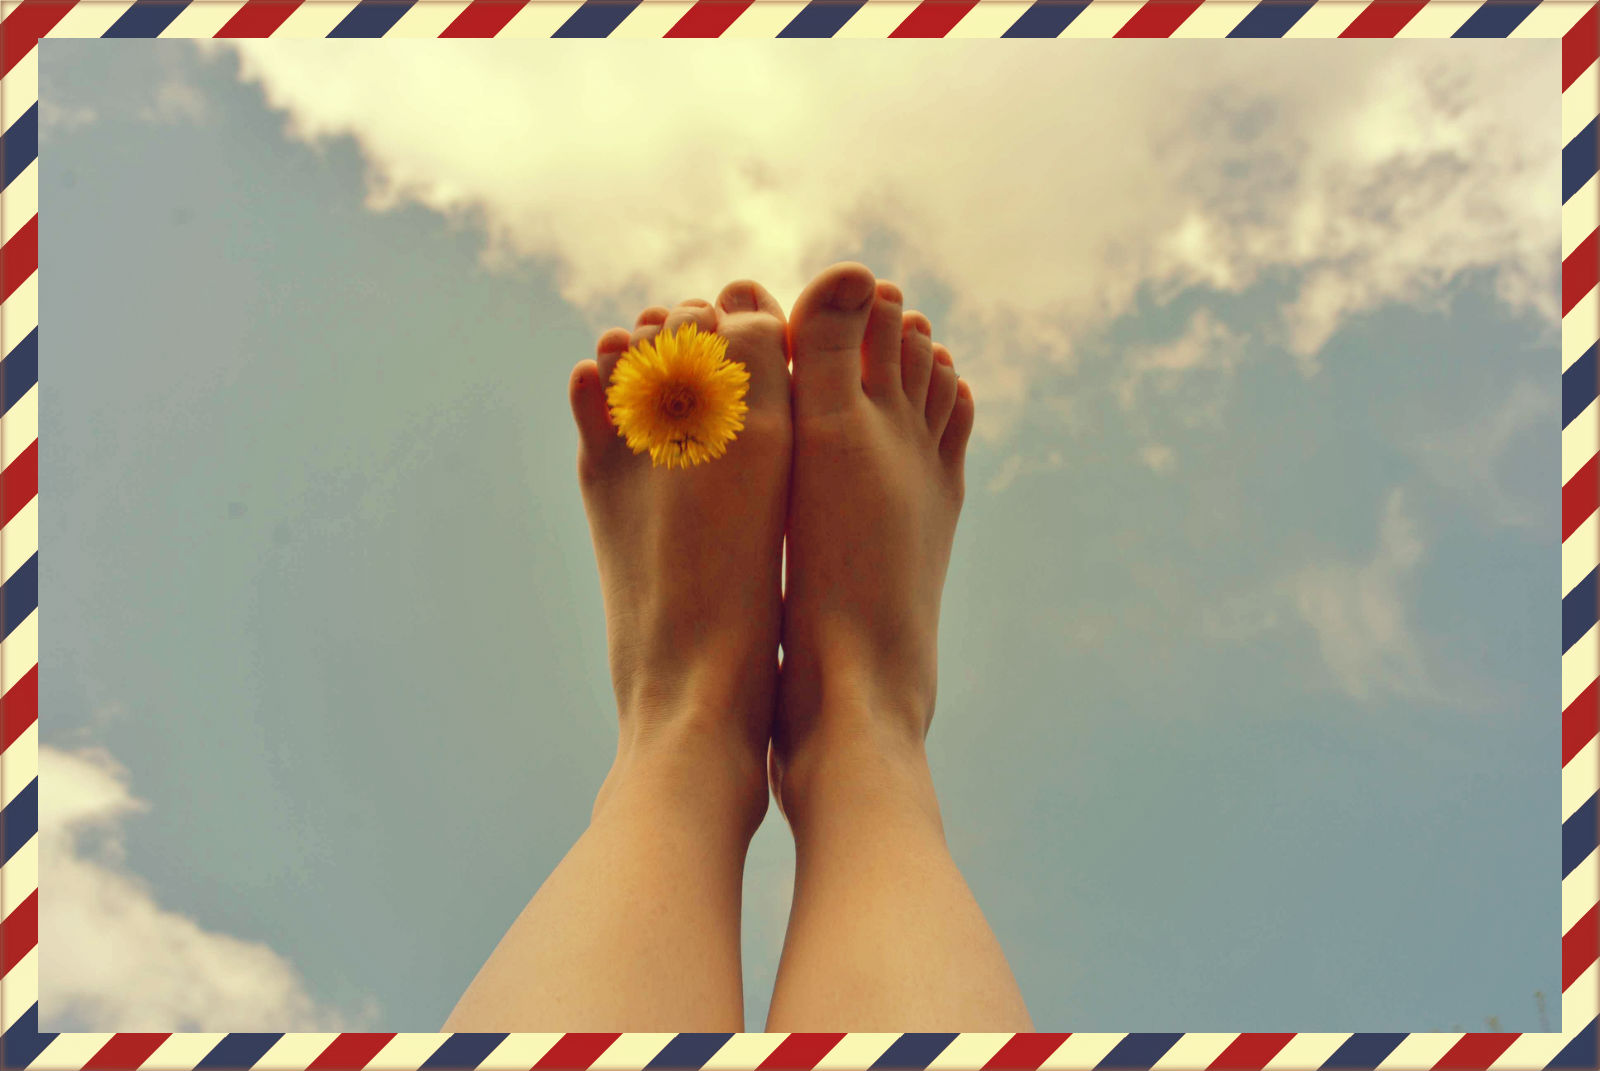 Füße auf reisen